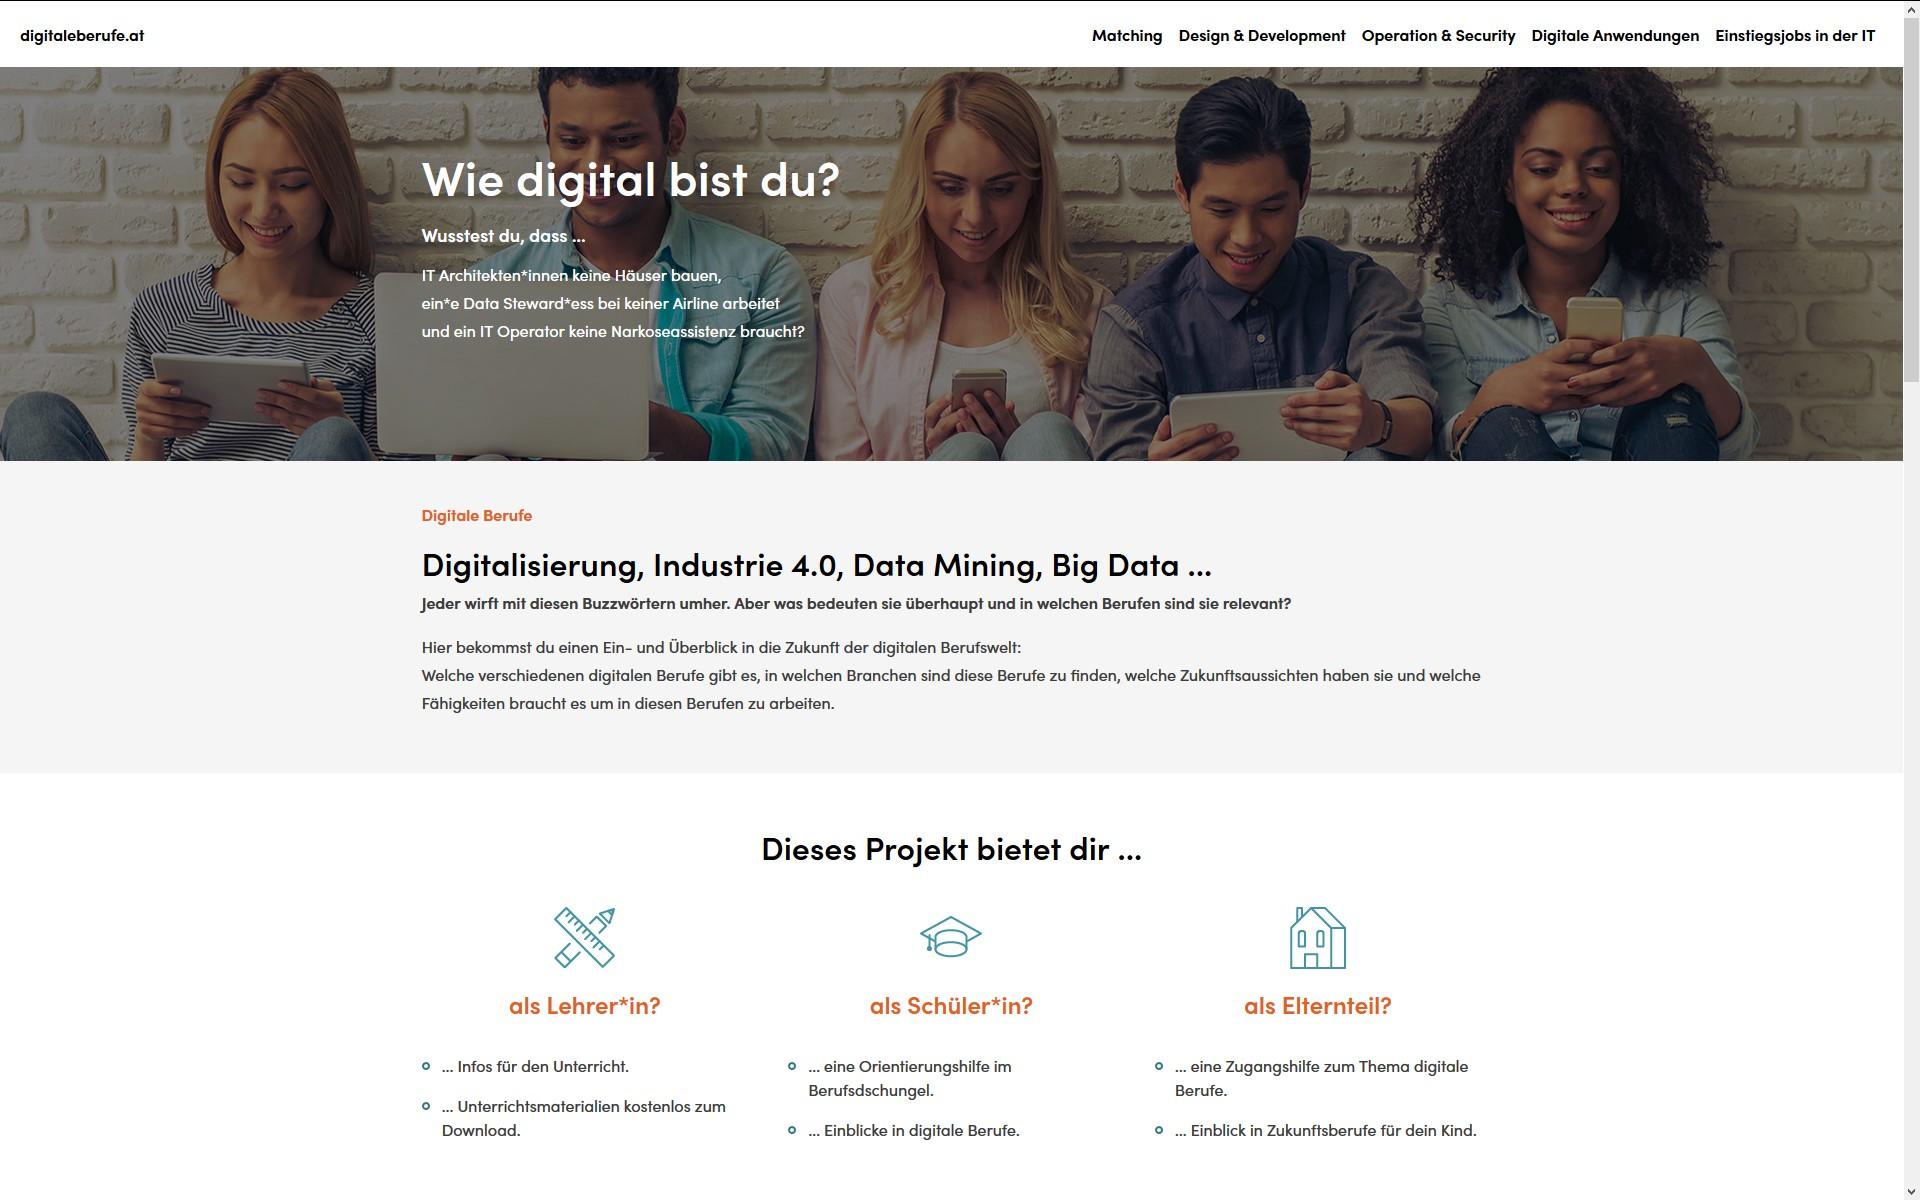 screenshot digitaleberufe